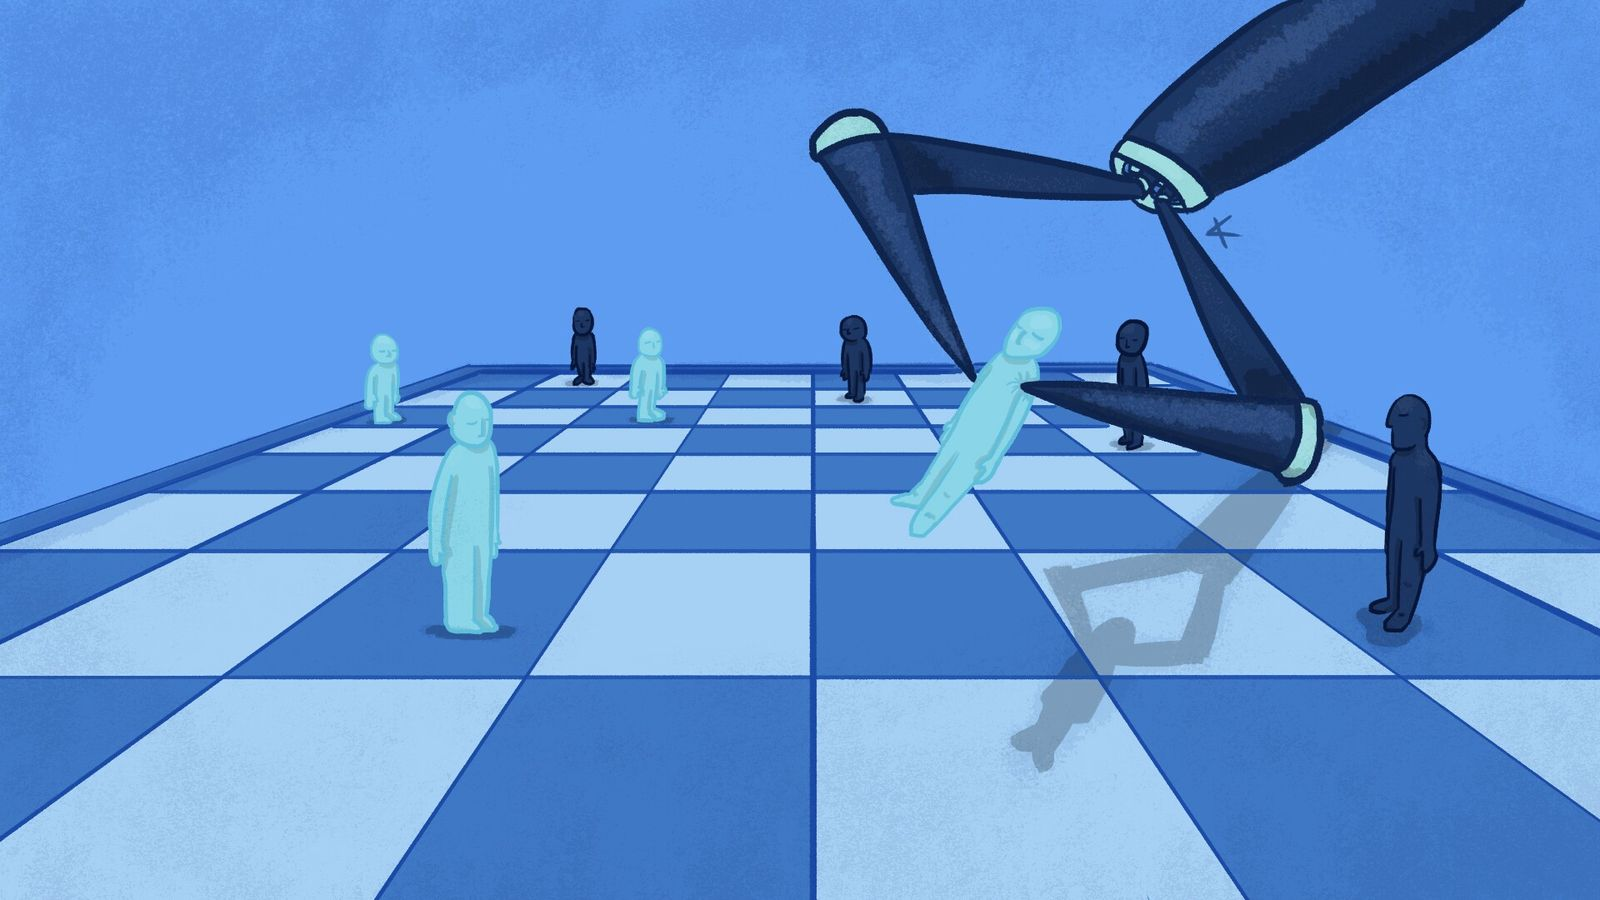 Um levantamento da opinião de 995 pesquisadores da área mostra que a verdadeira inteligência artificial está longe, ...